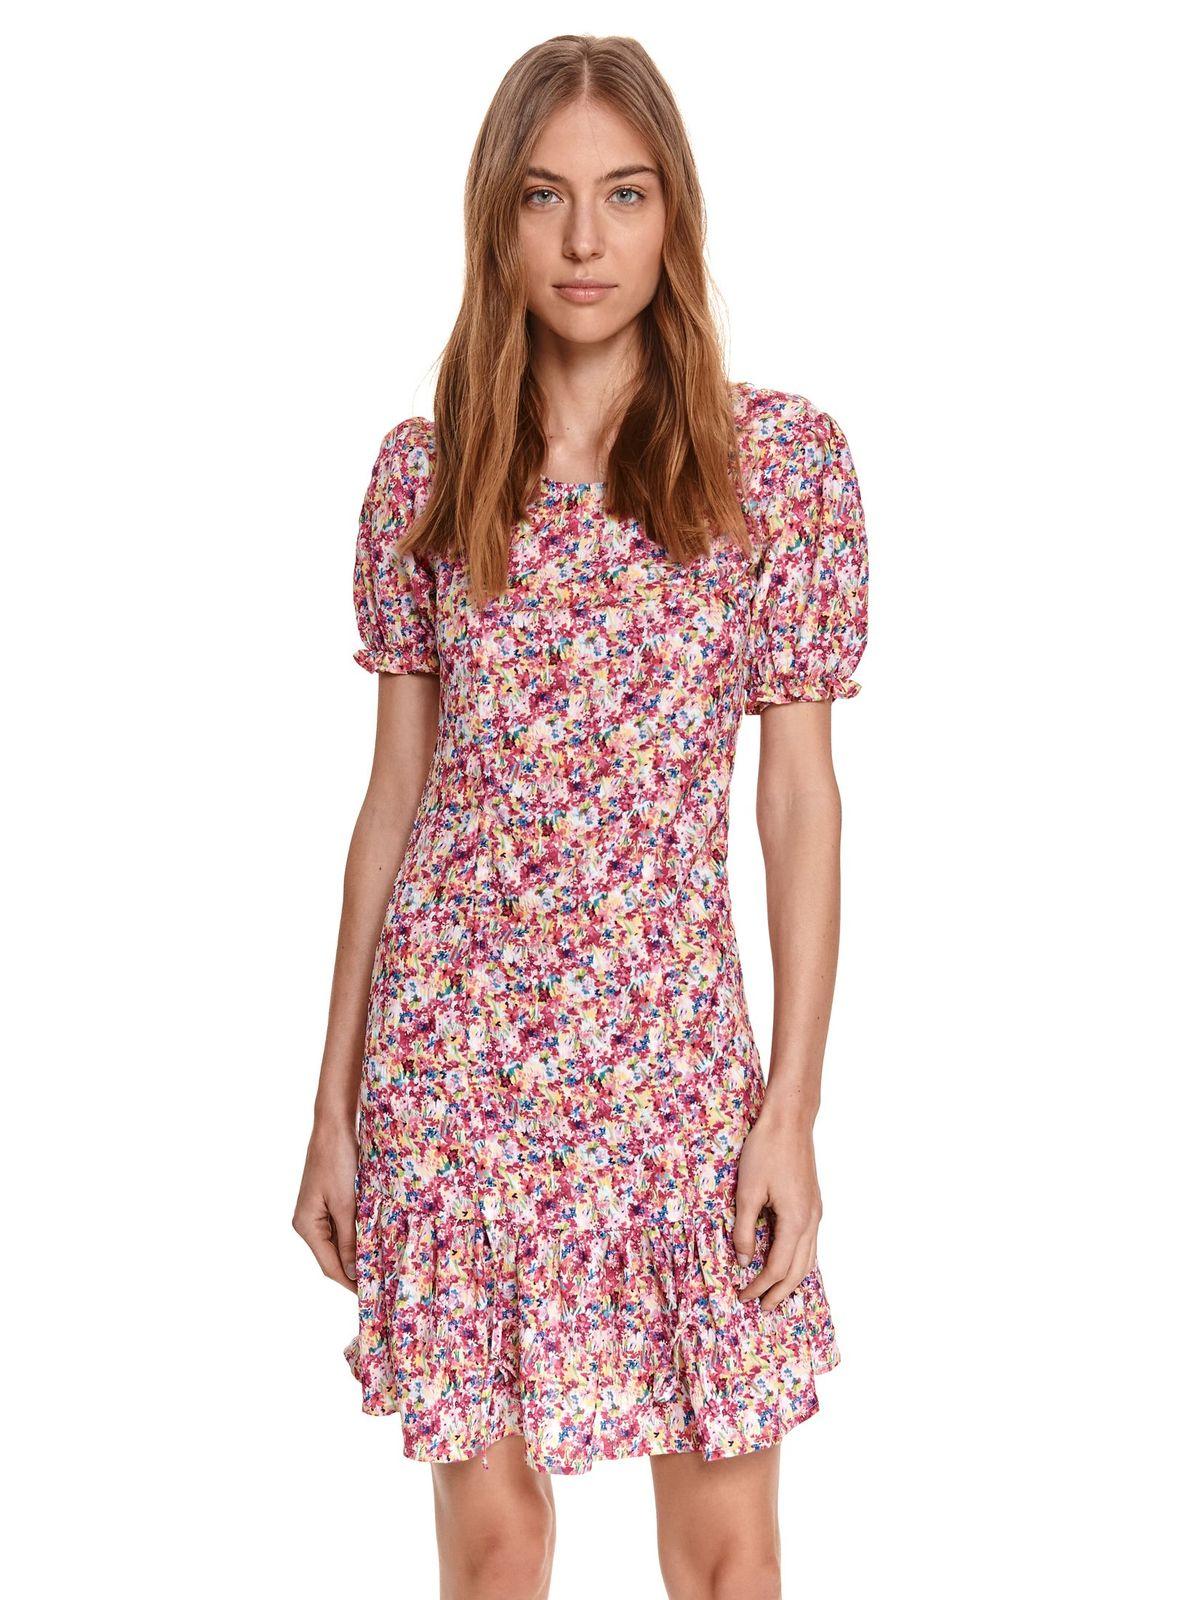 Rochie Top Secret roz cu imprimeu floral in clos cu volanase la baza rochiei si la maneca